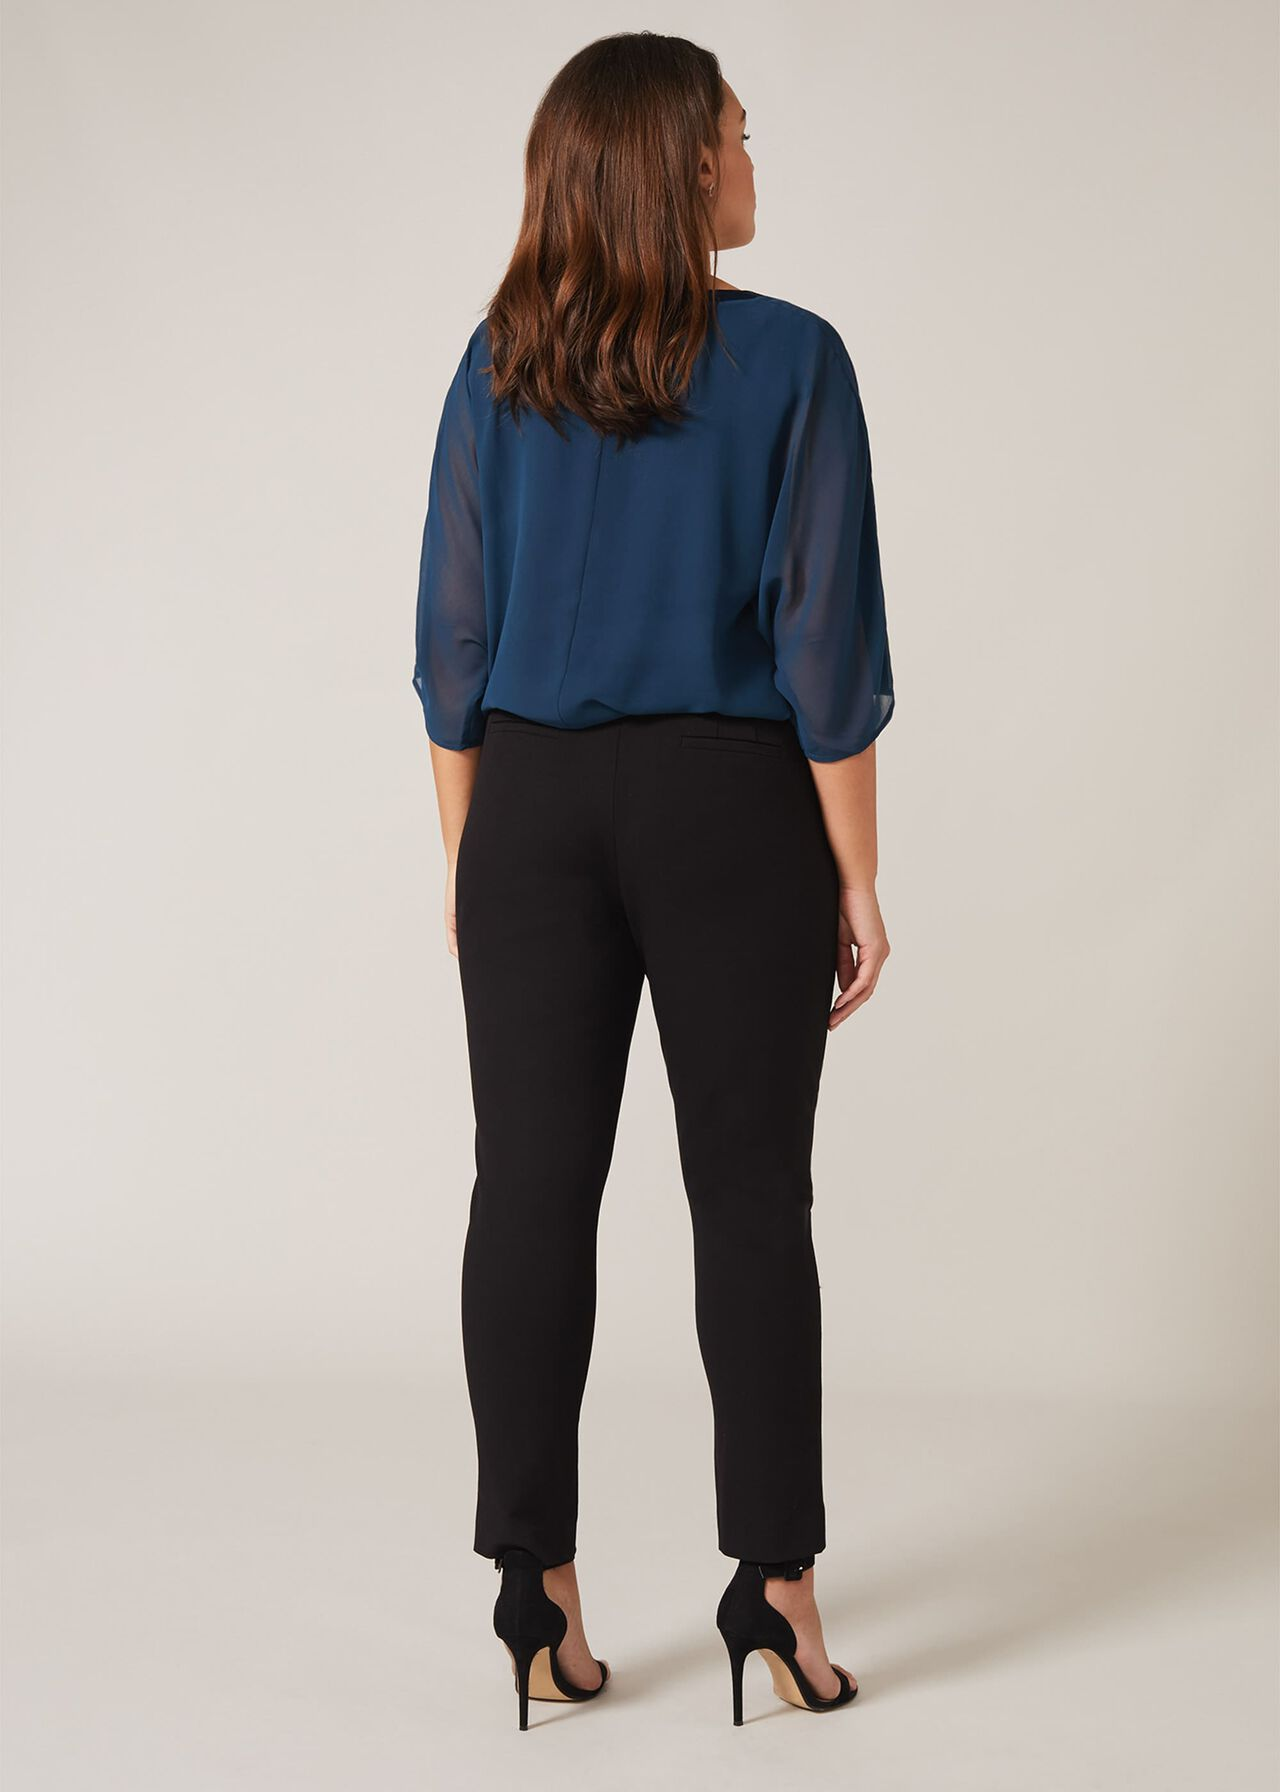 Cressida Smart Trousers